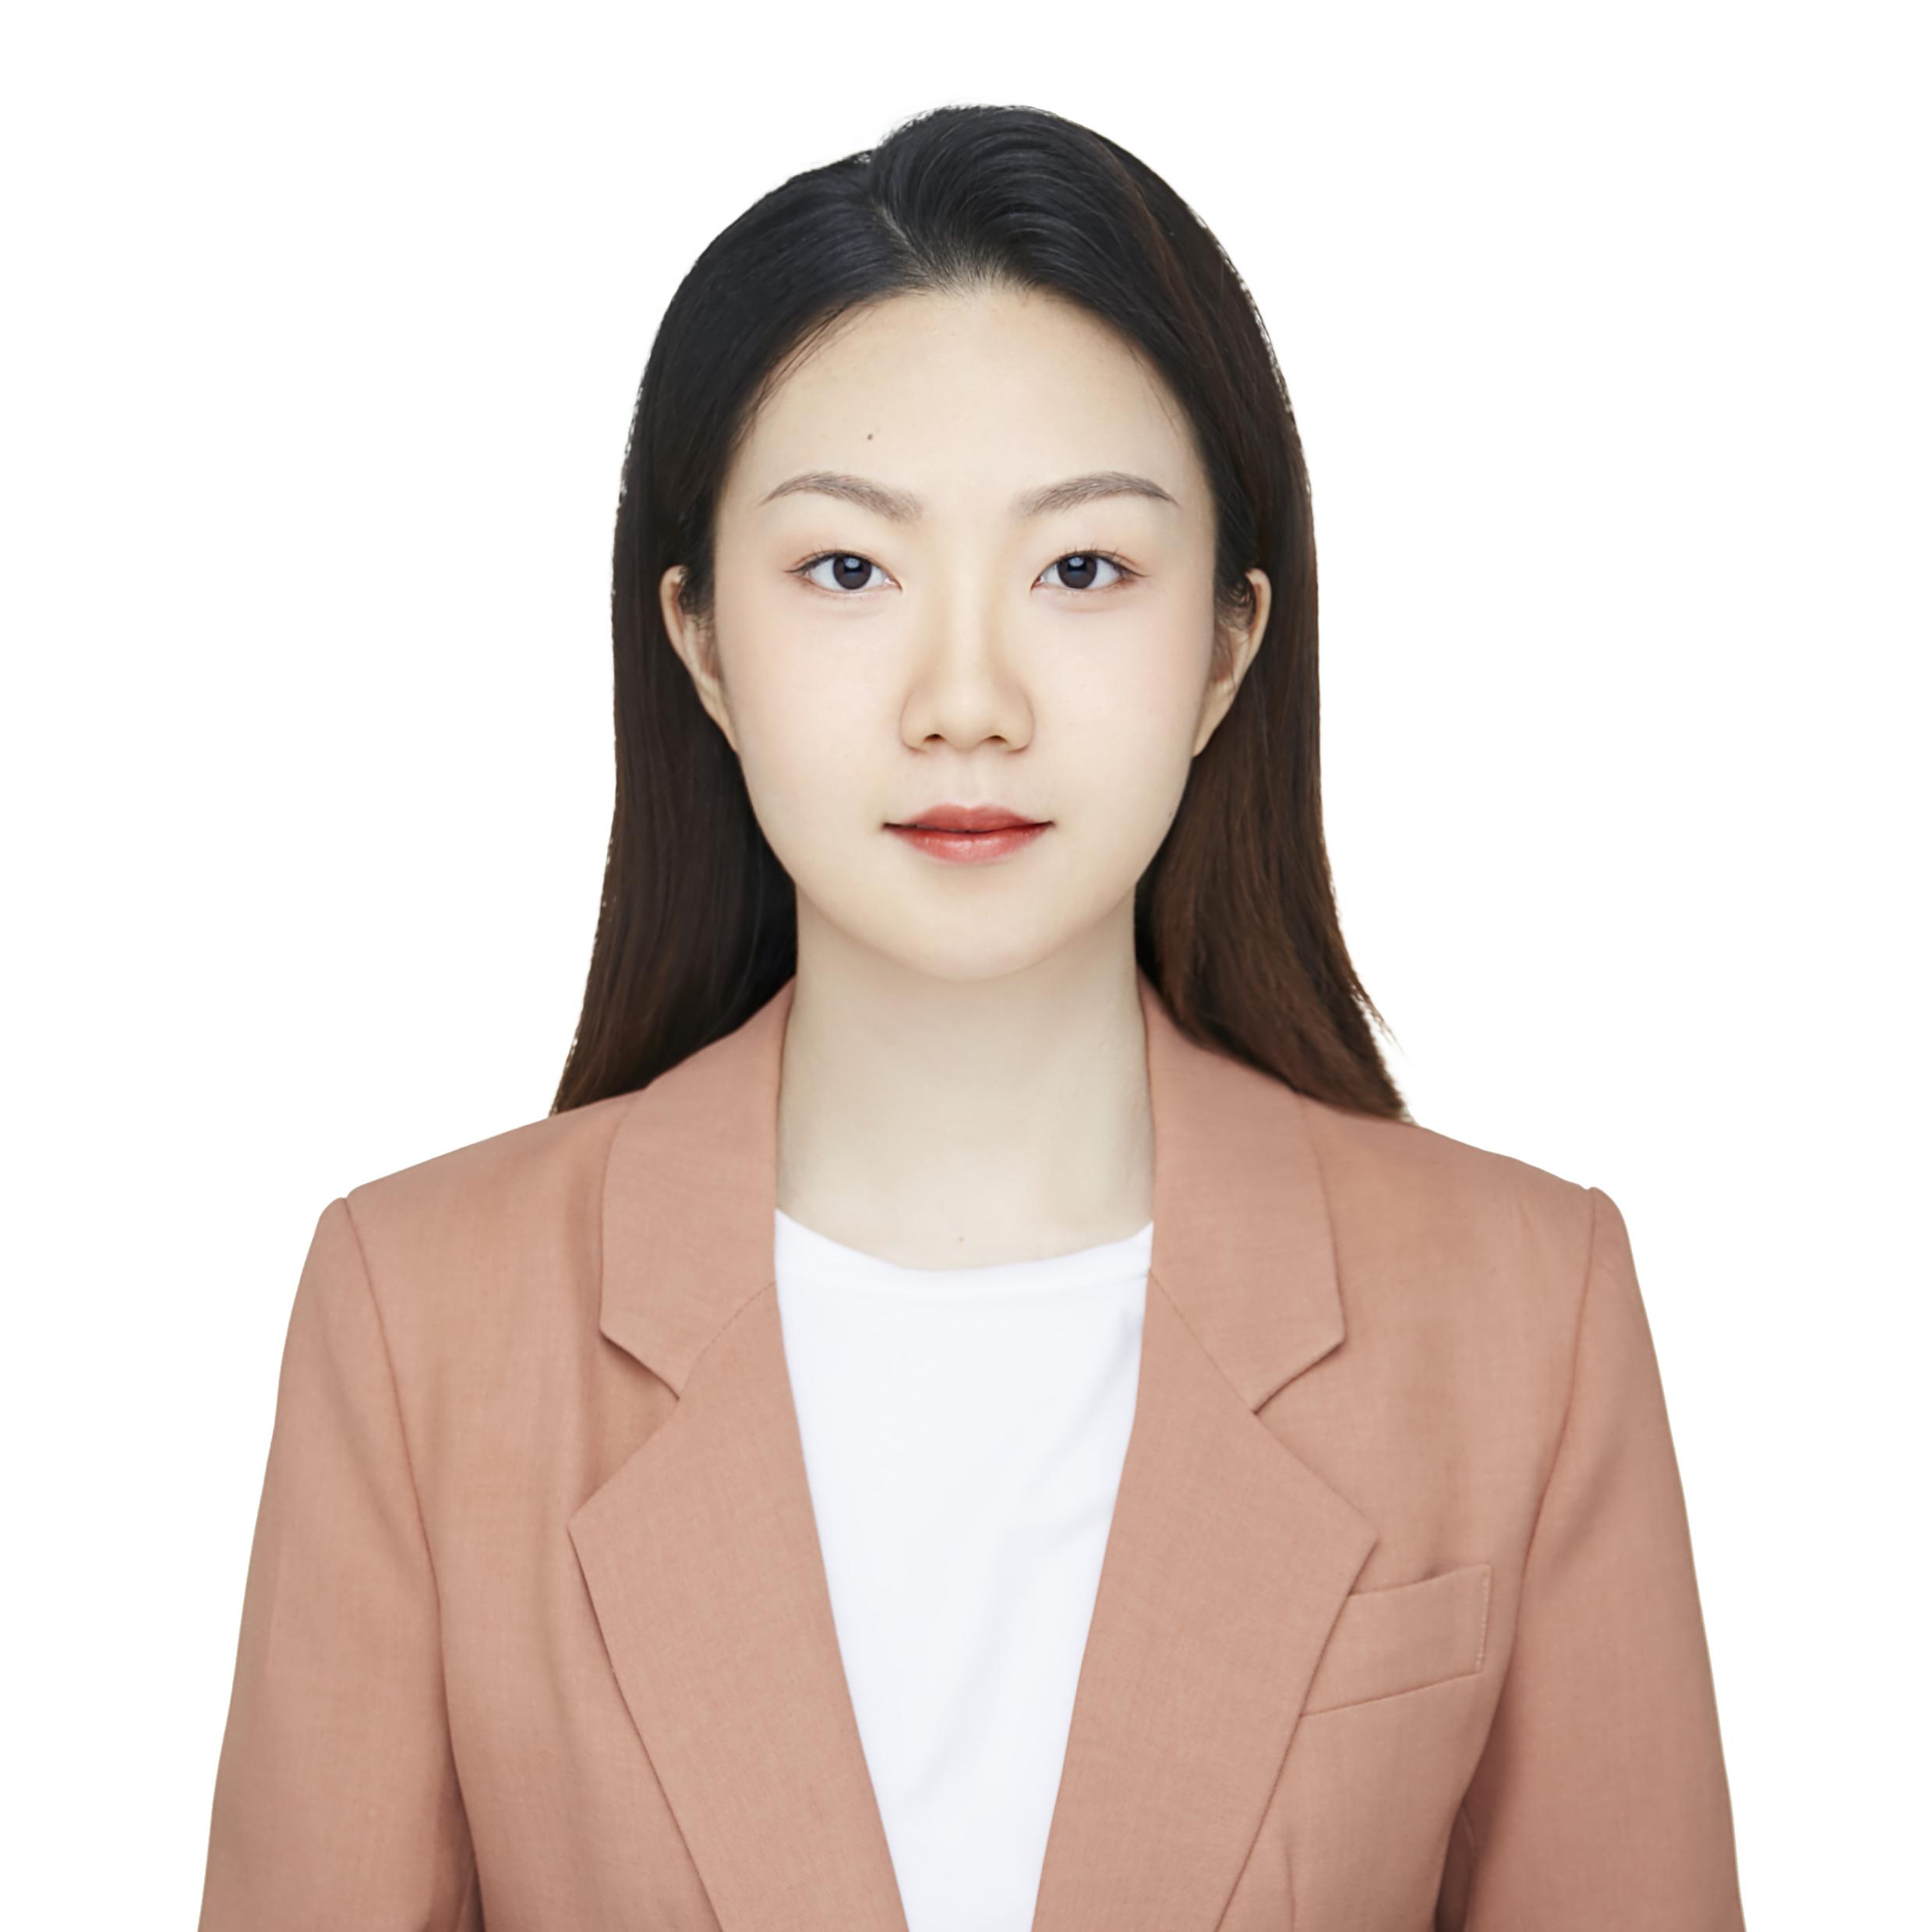 深圳家教黄教员